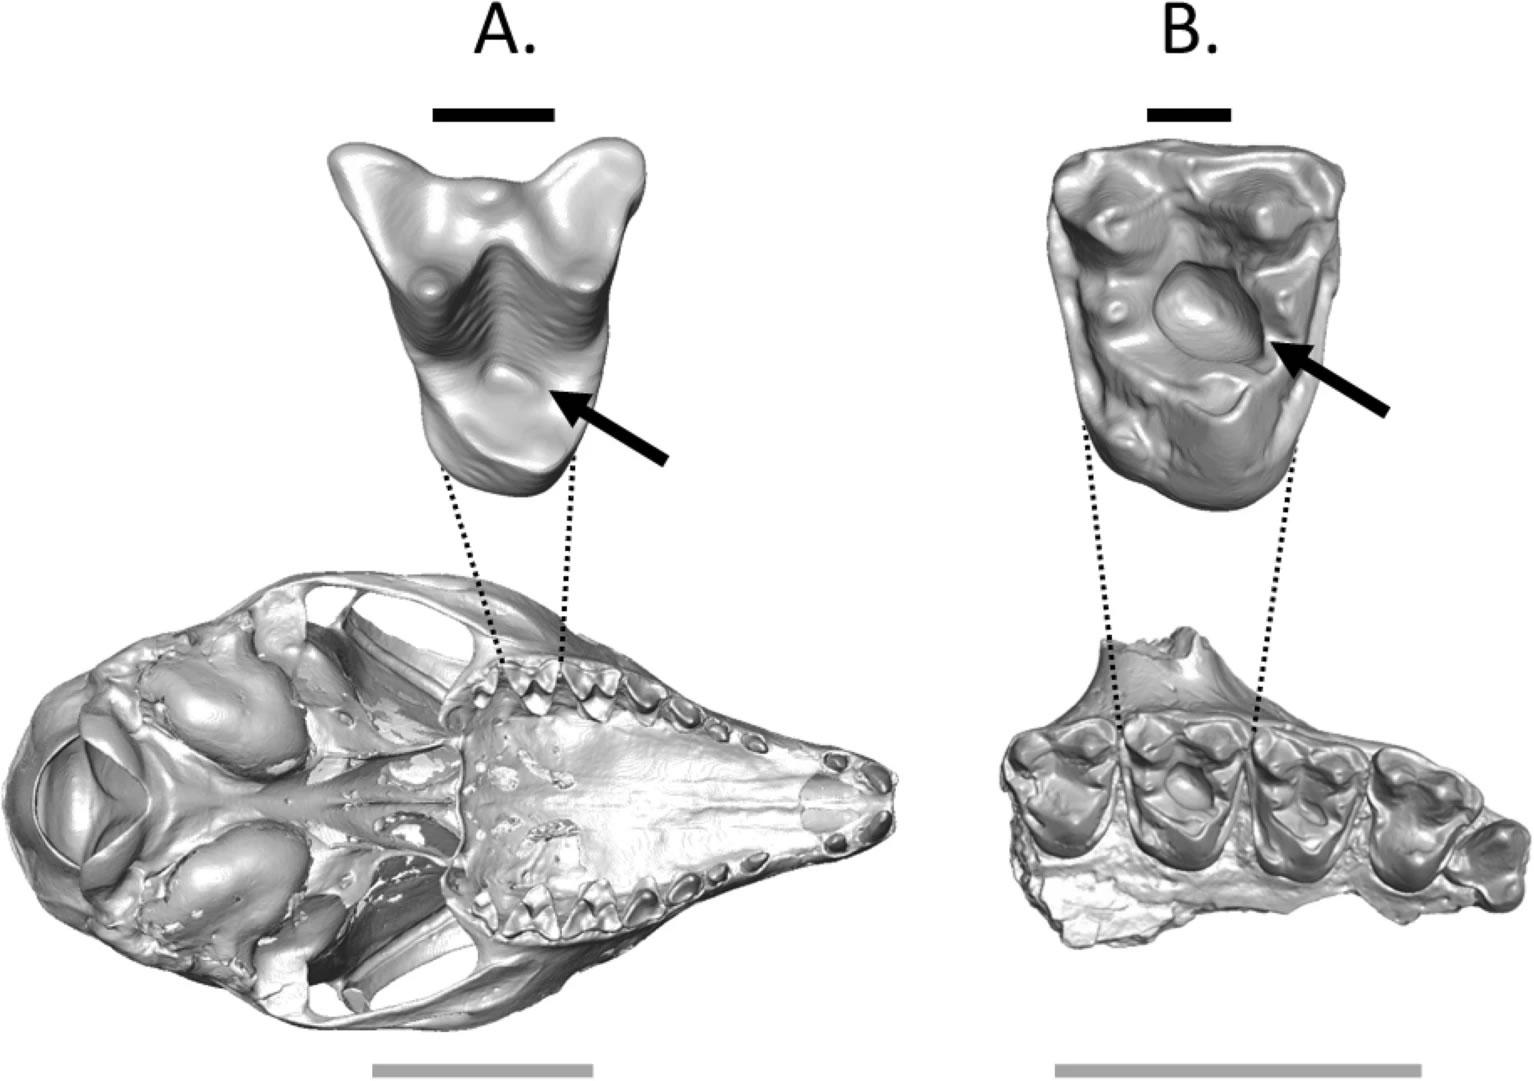 龋齿化石表明史前灵长类动物可能爱吃甜食